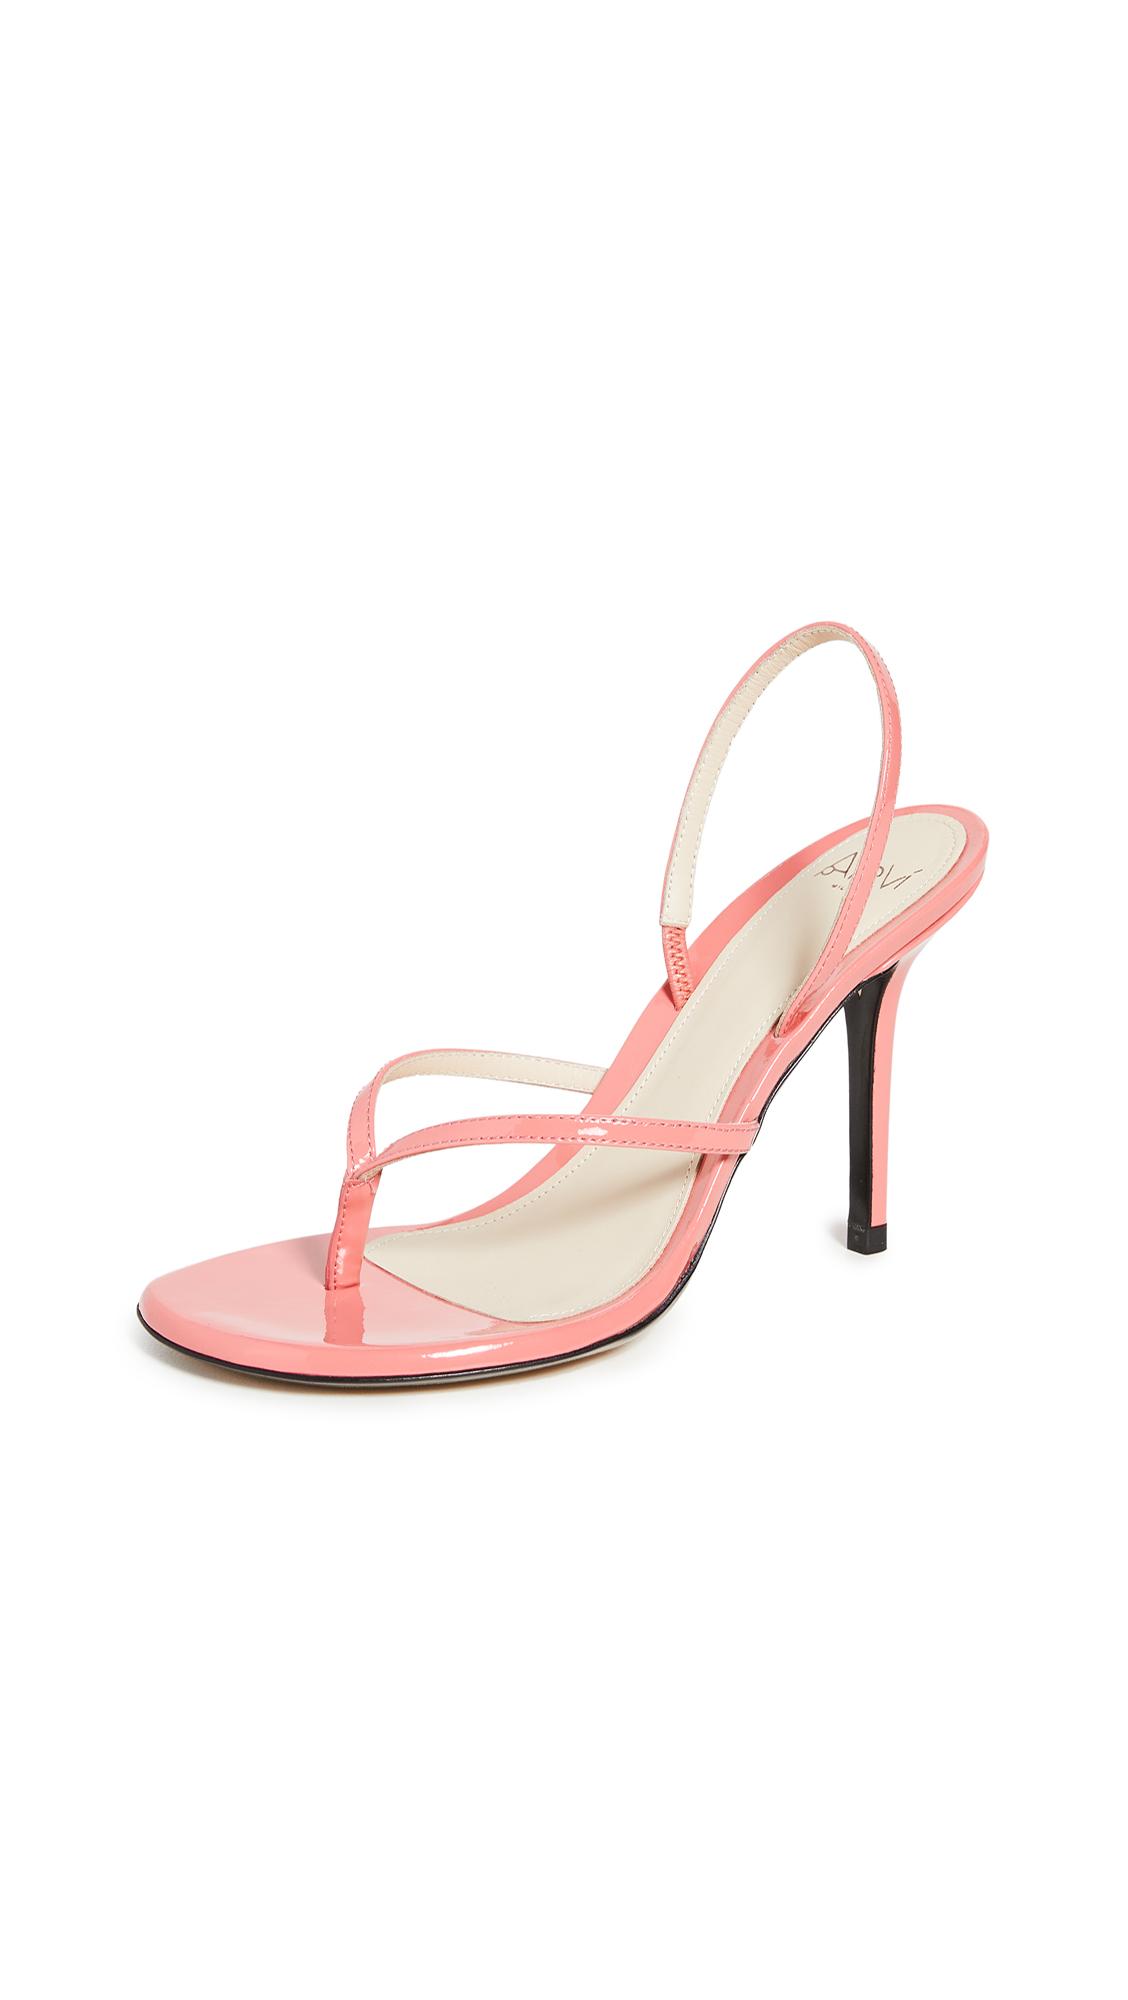 Buy Alevi Milano Ivy Sandals online, shop Alevi Milano